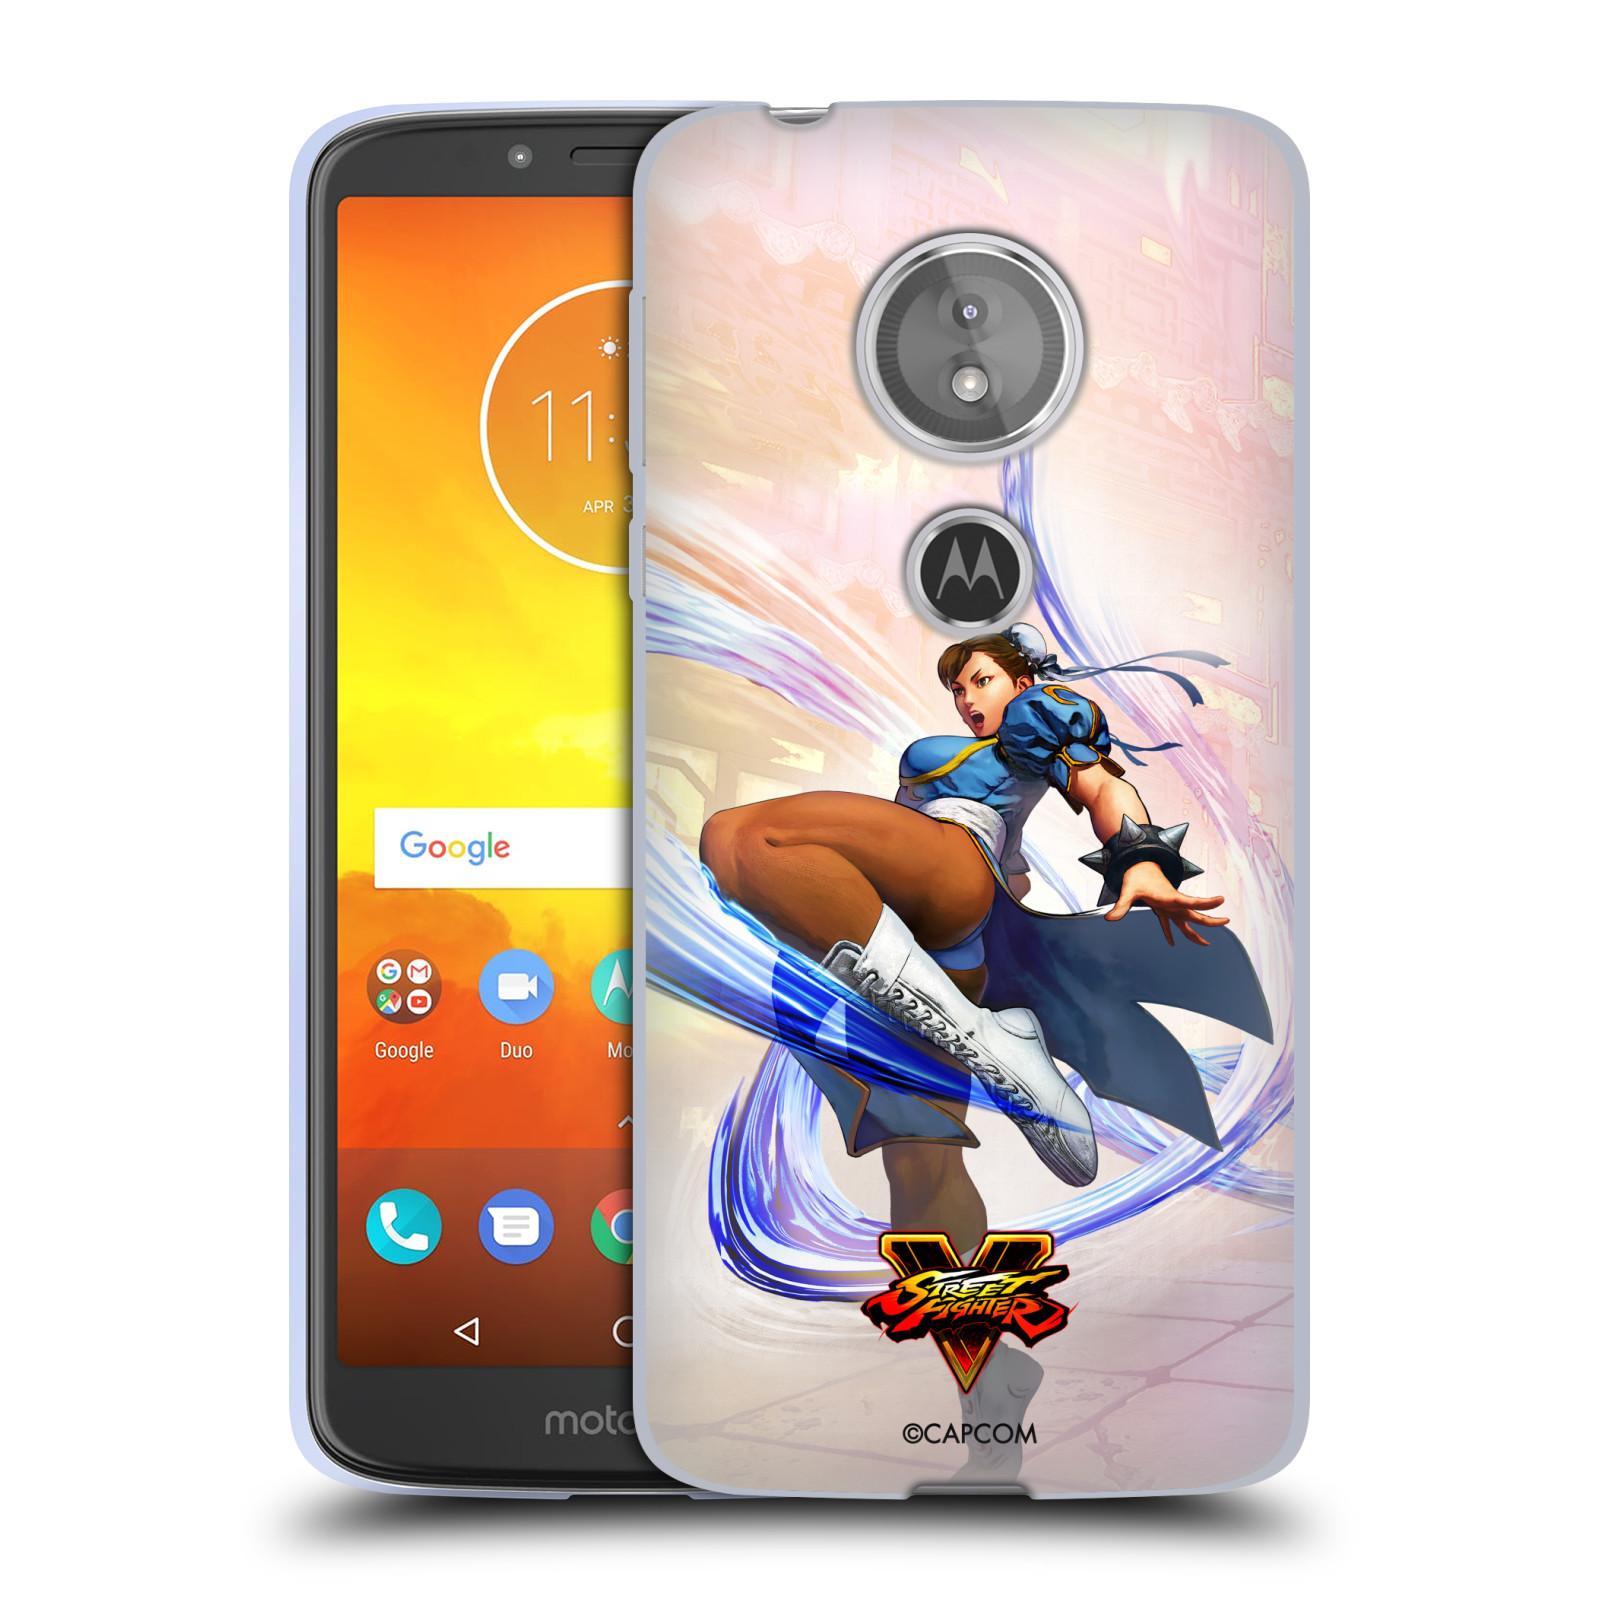 HEAD CASE silikonový obal na mobil Motorola Moto E5 oficiální kryt STREET FIGHTER bojovnice Chun-Li